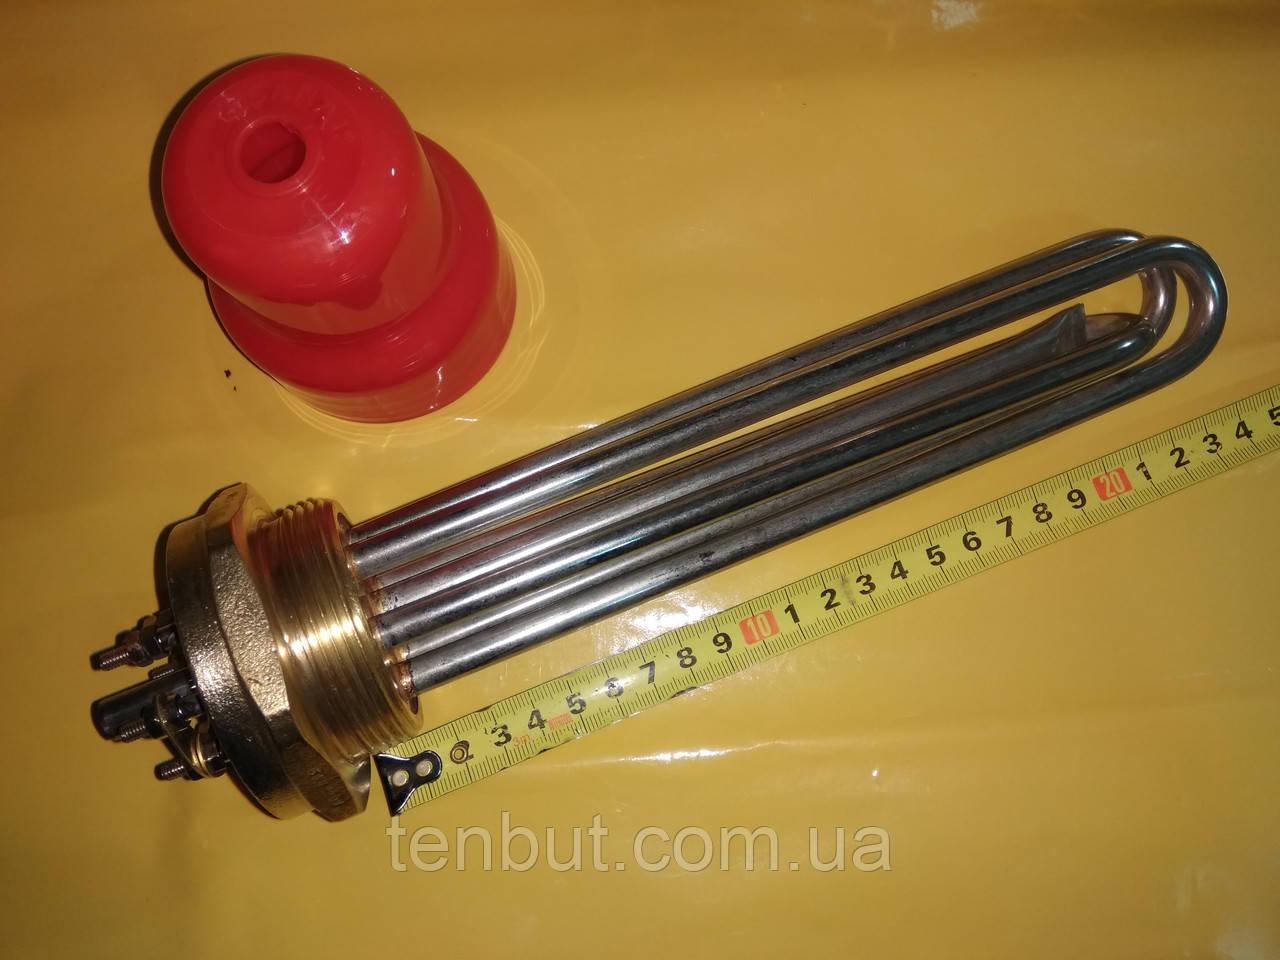 Блок тэн нержавейка 3.0 кВт / 2.0 дюйма резьба / 220 В. / 240 мм. длина . производство Турция SANAL